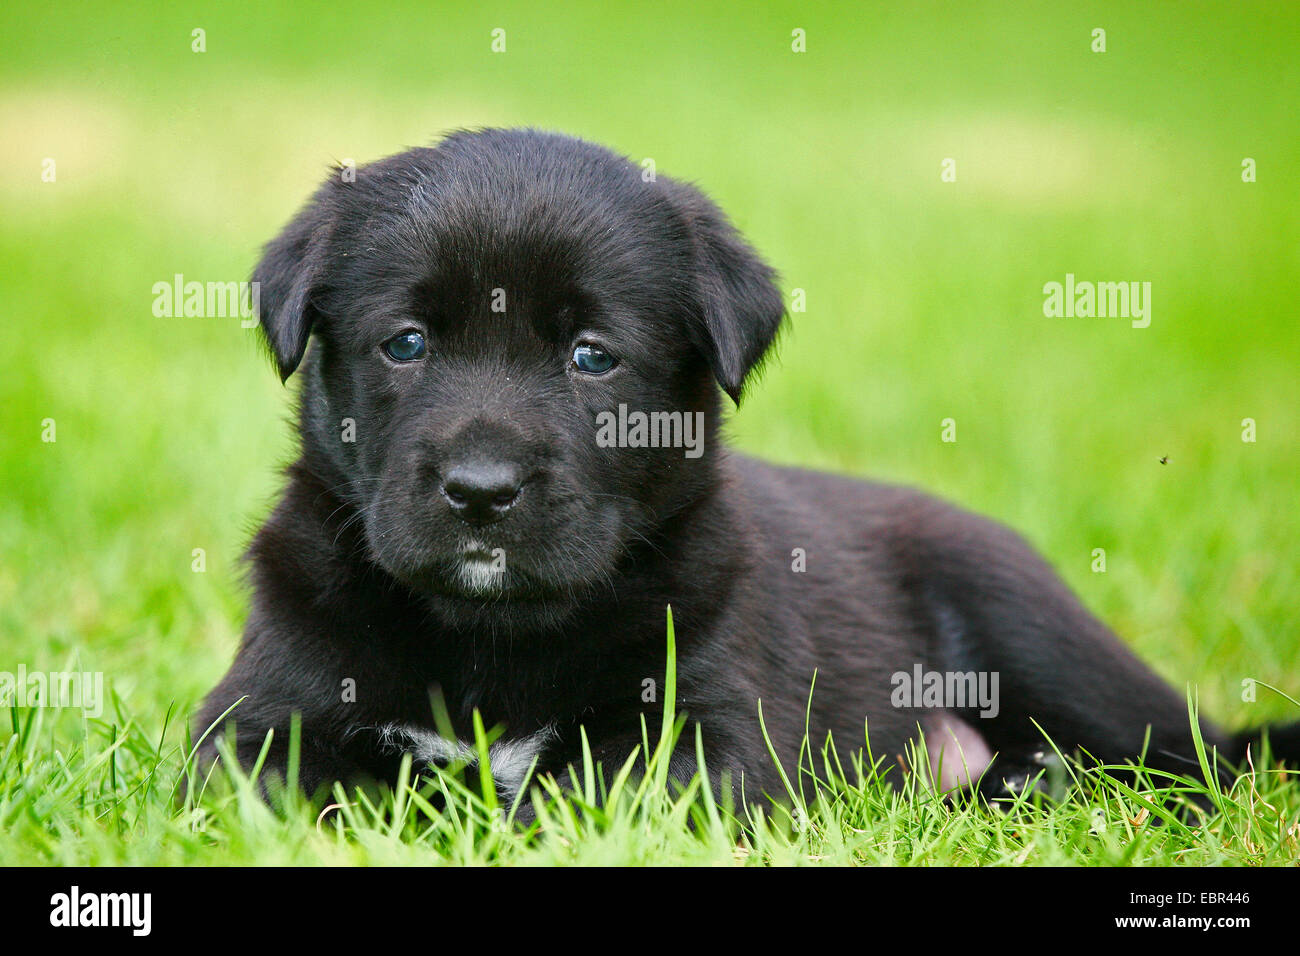 Labrador Retriever (Canis lupus f. familiaris), Labrador, chiot couché dans un pré, Allemagne Photo Stock